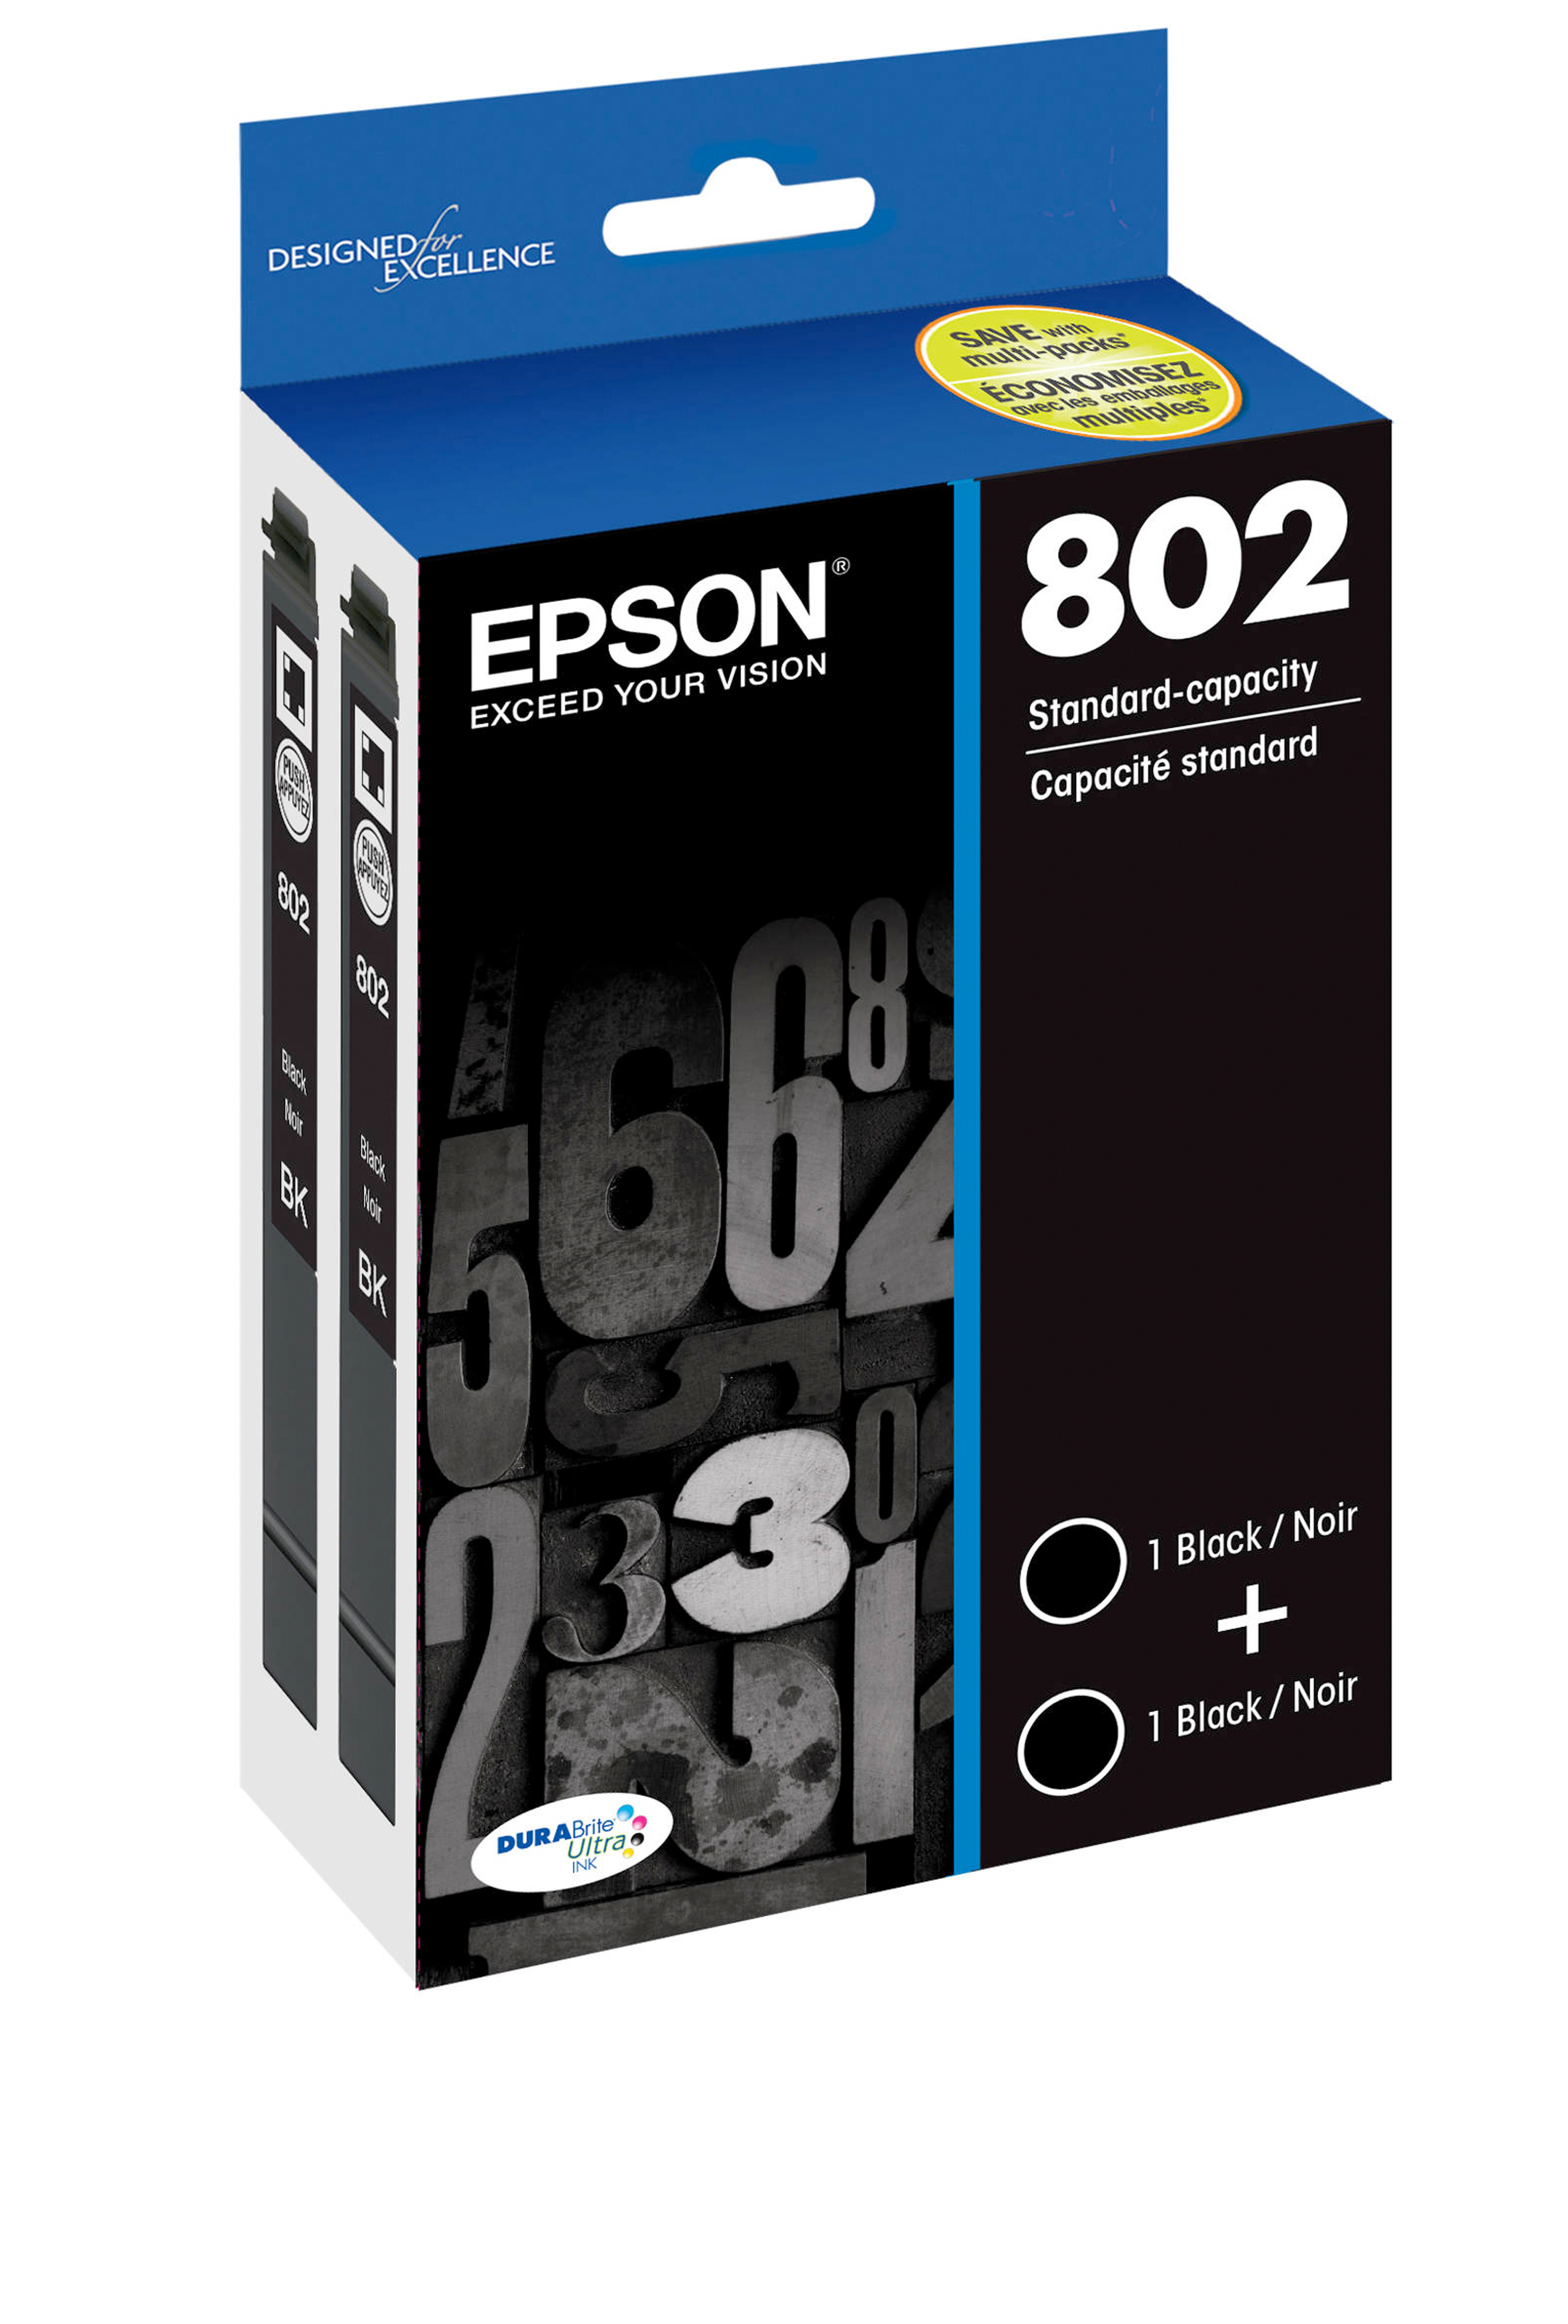 Epson T802, Black Standard-capacity Ink Cartridges, 2 Pack...